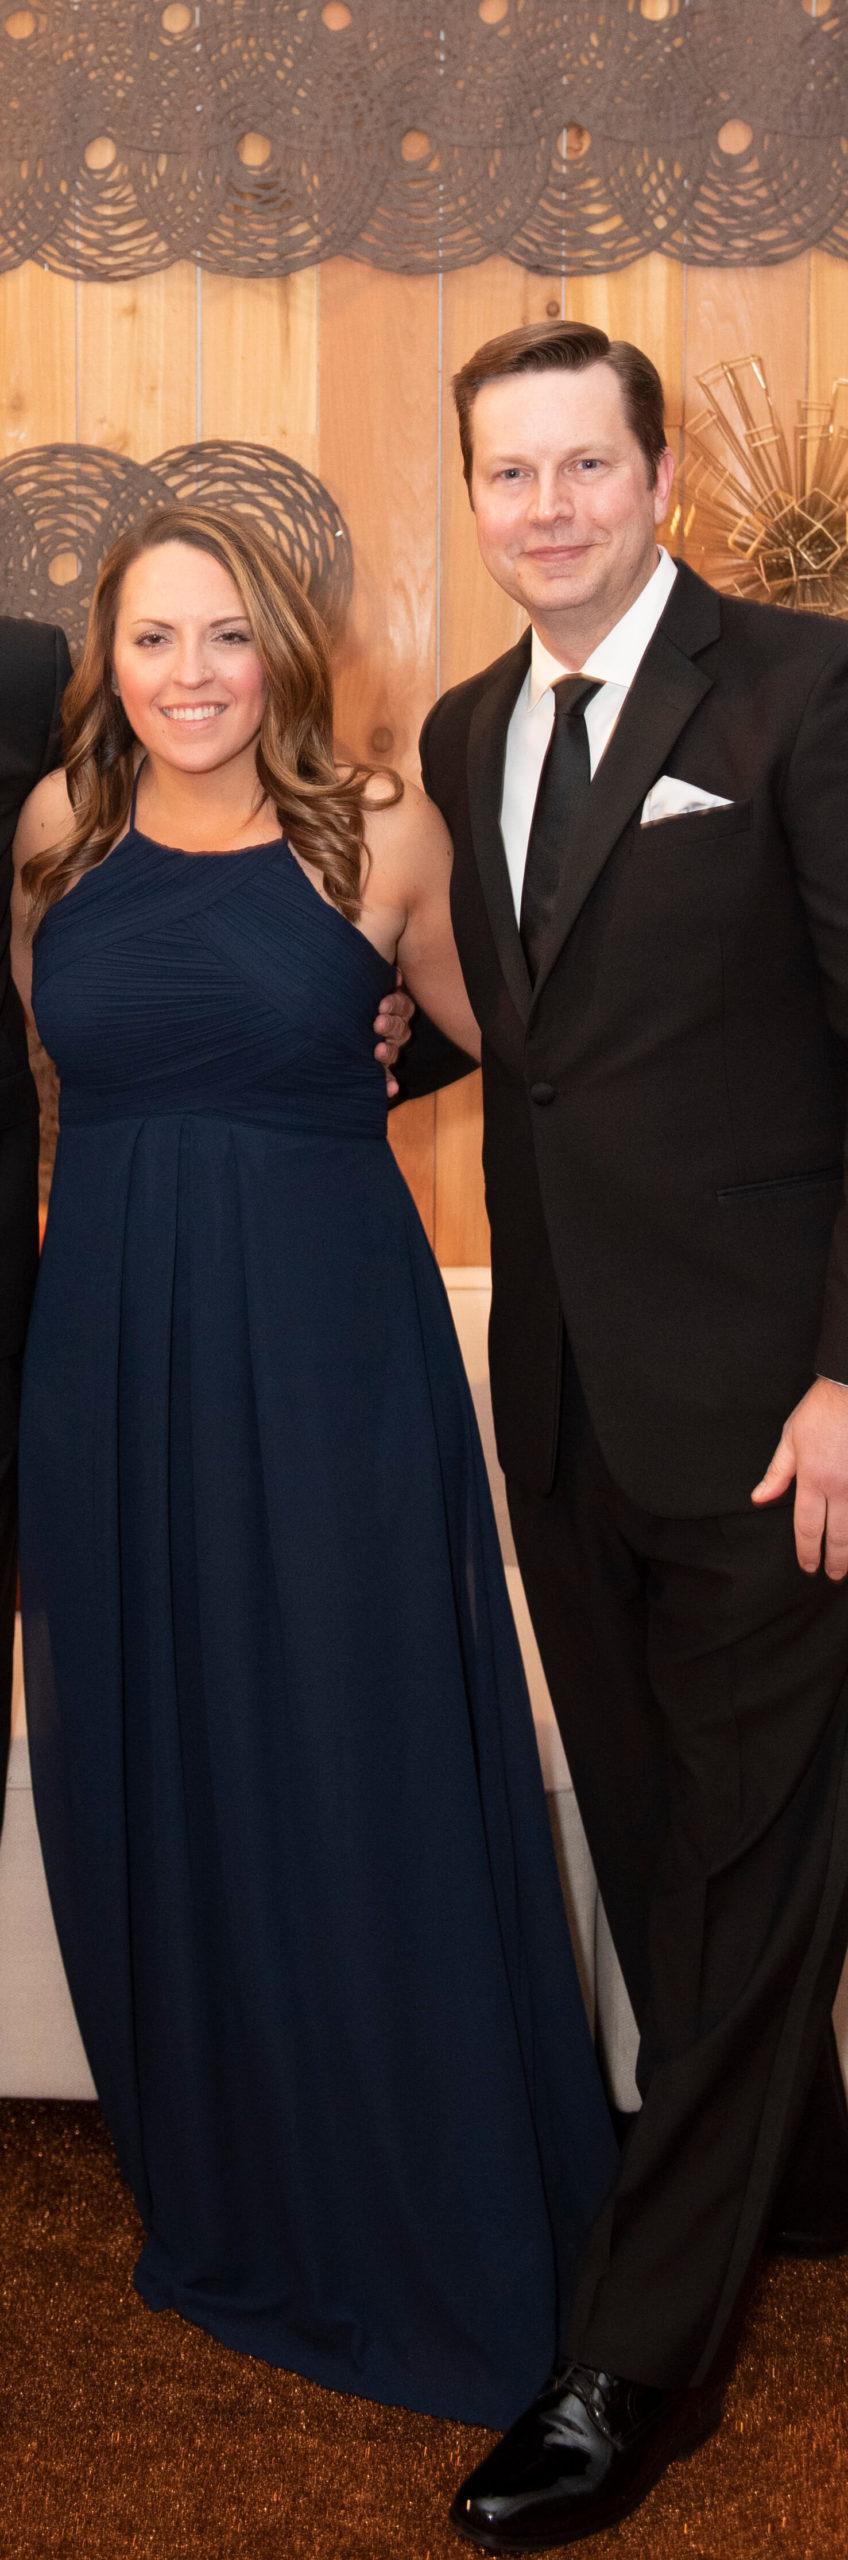 Amber and John Scanlan